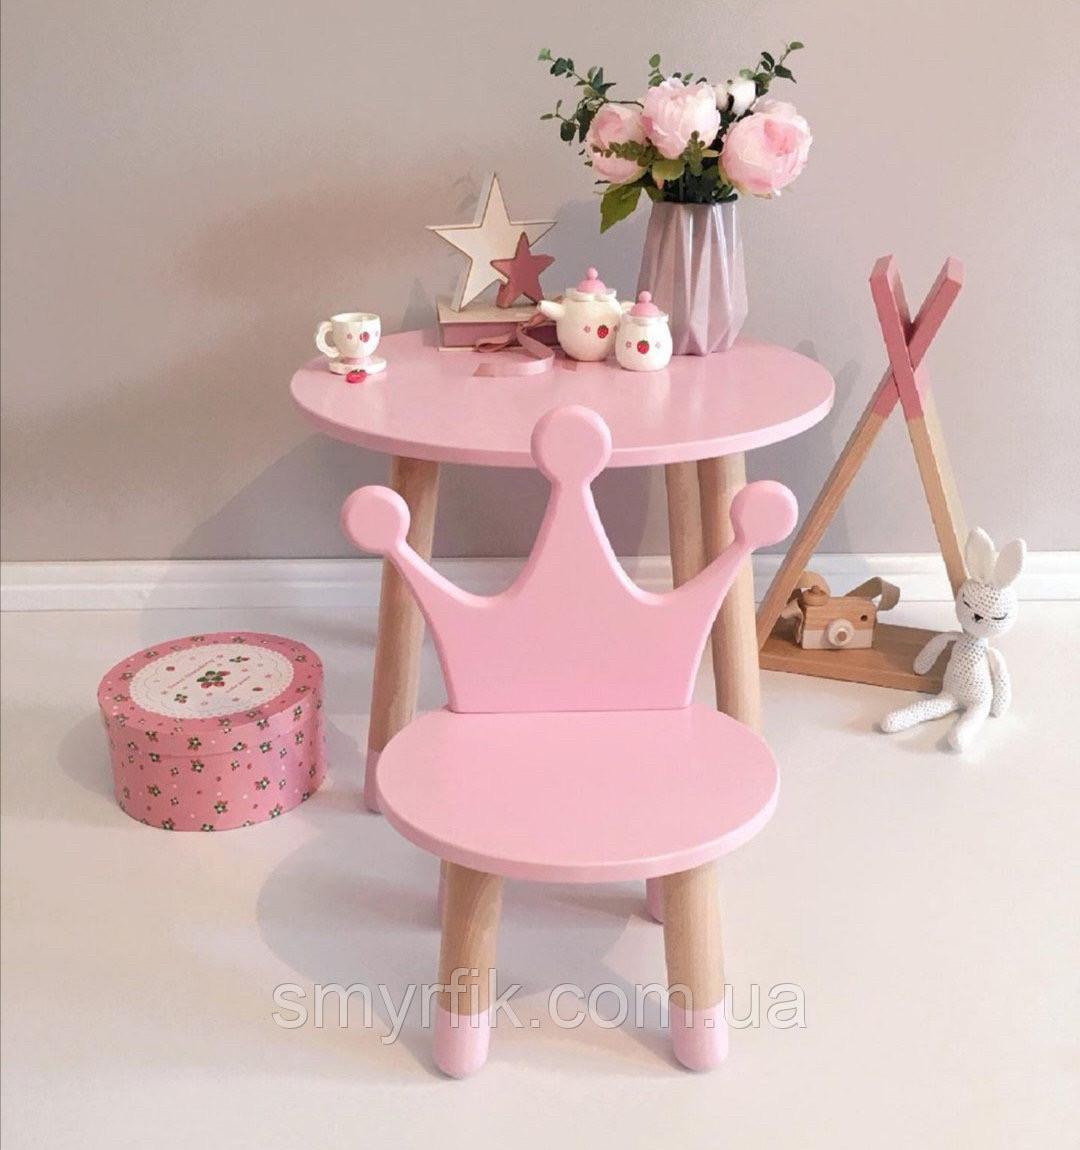 Детский стол и 1 стул (деревянный стульчик корона и столик)